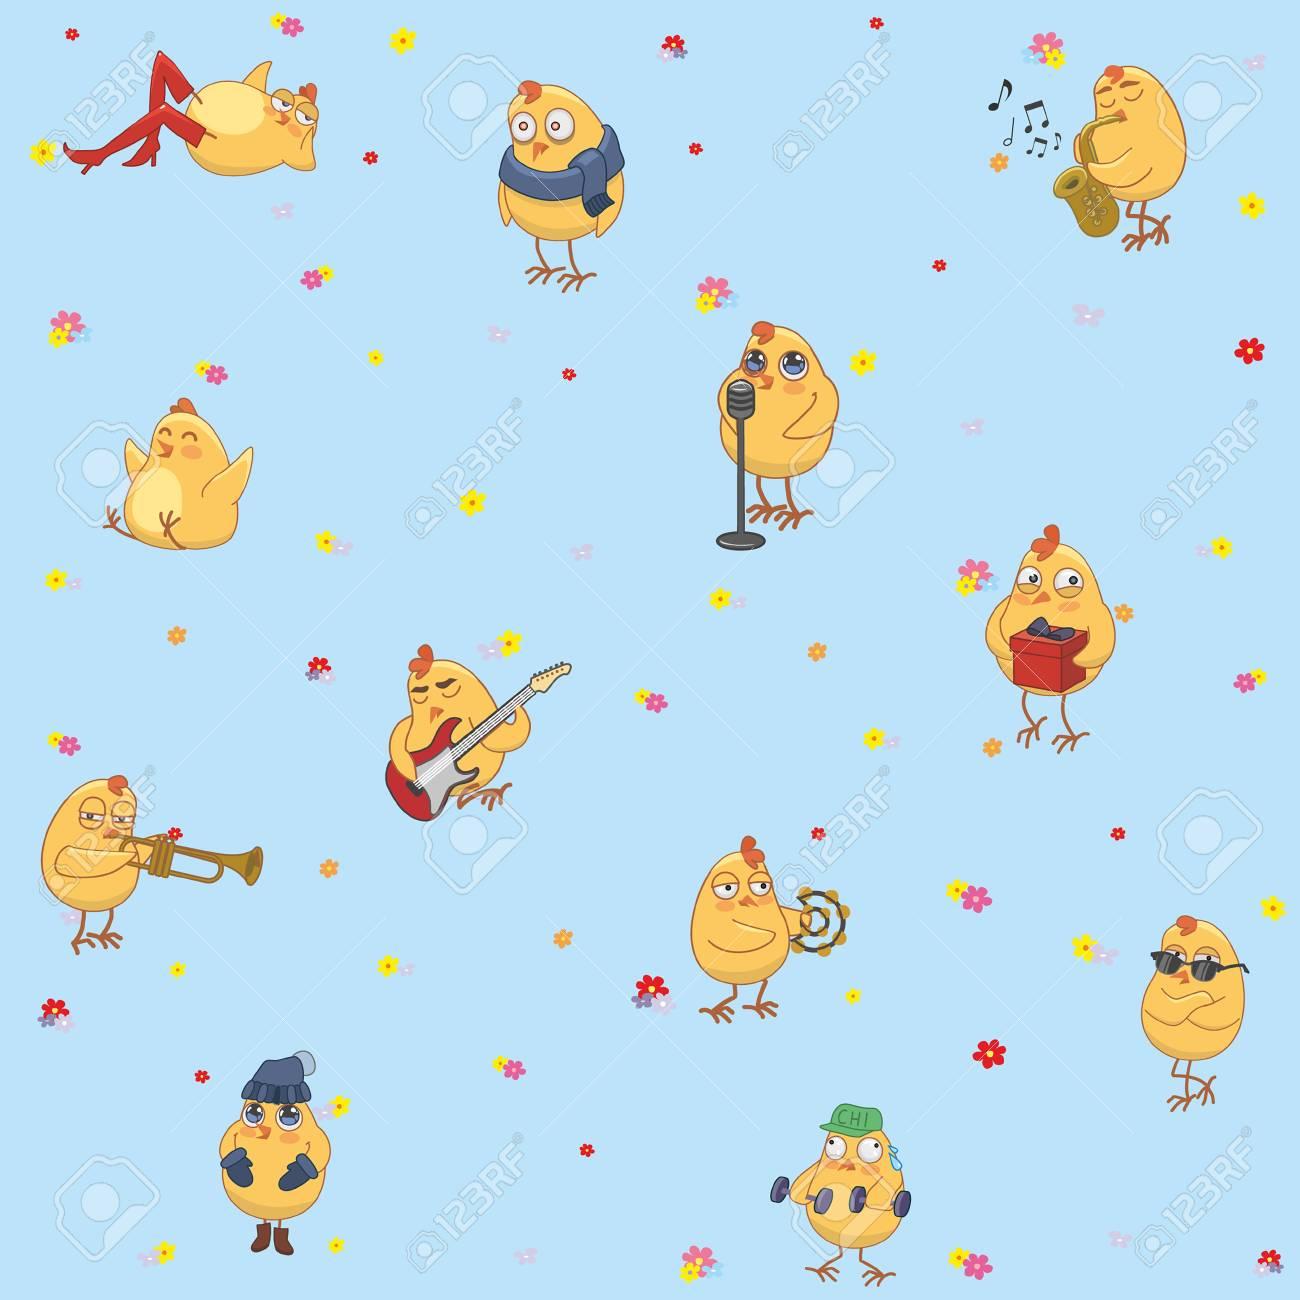 Fond D Ecran Pour Enfants Sans Couture Des Poules Pleines Sur Un Fond Bleu Illustration Vectorielle Clip Art Libres De Droits Vecteurs Et Illustration Image 74416477